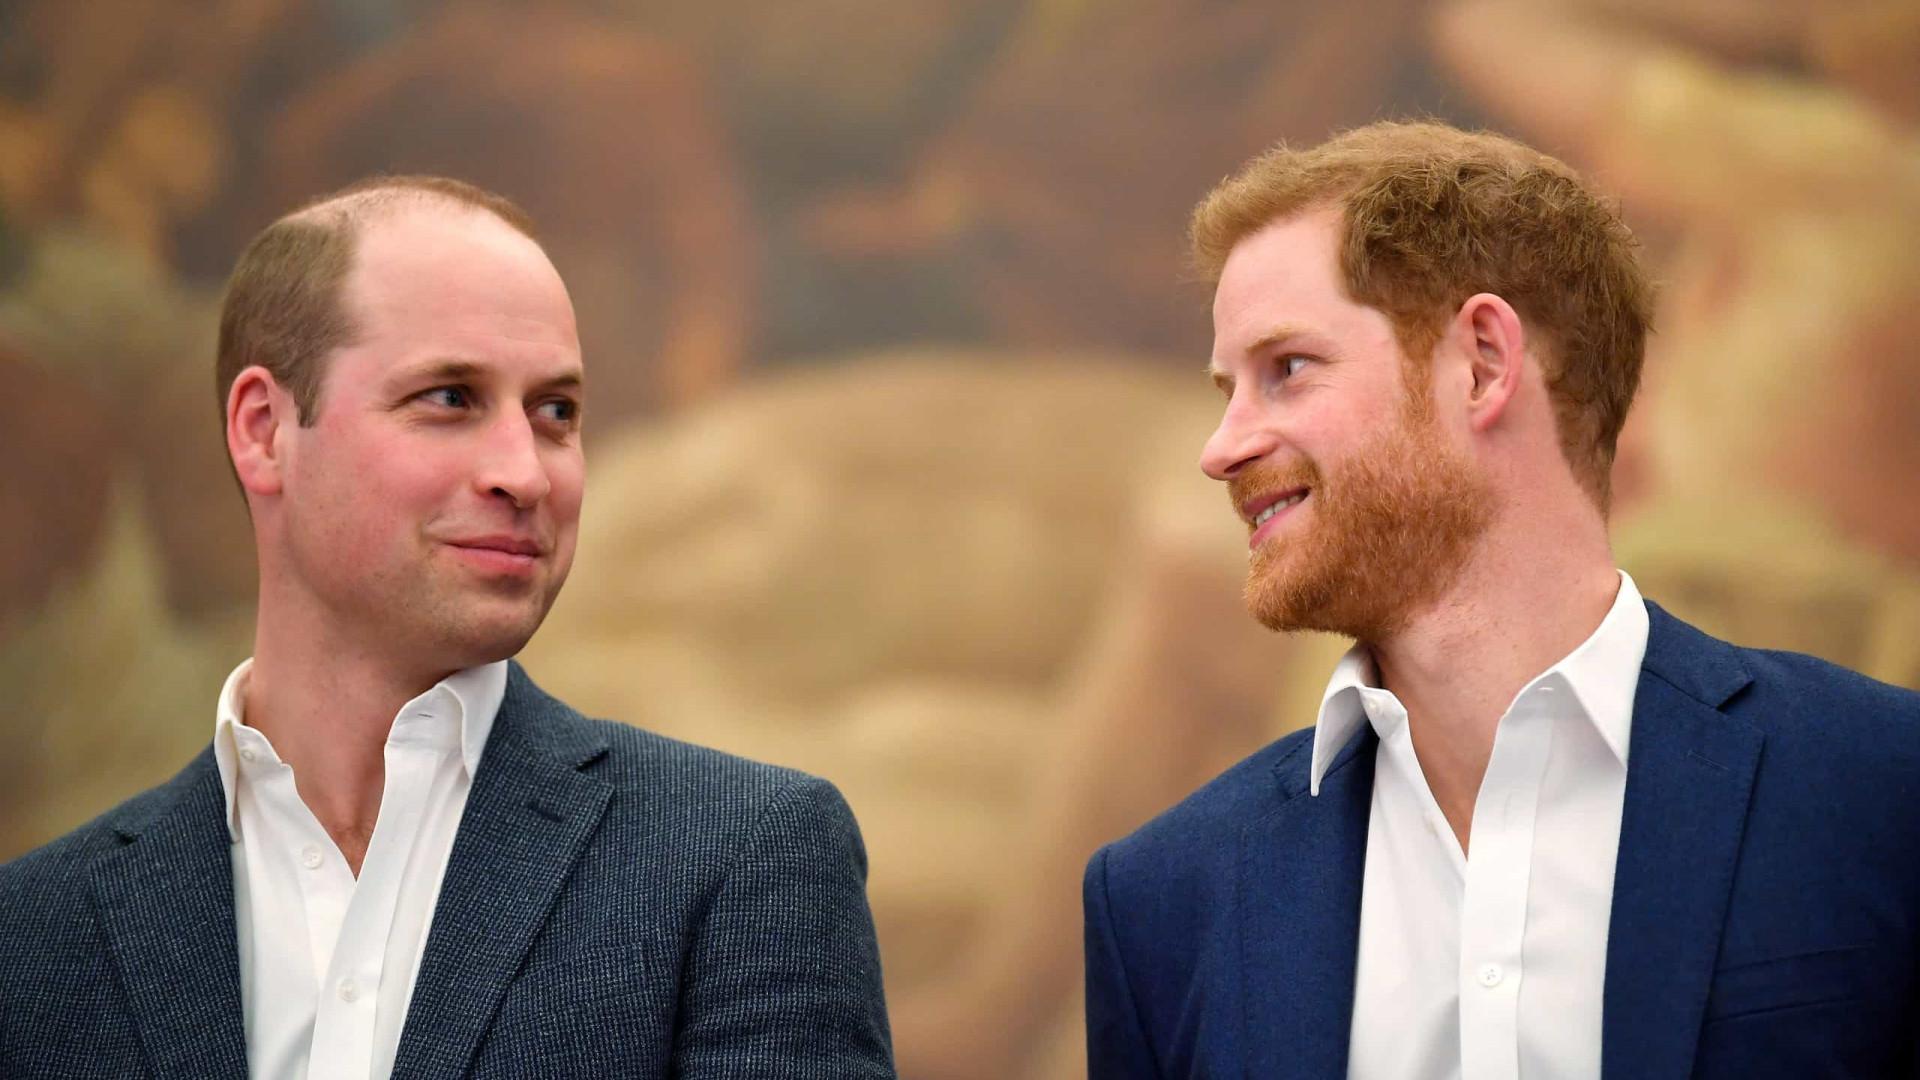 Briga entre irmãos? Harry e William reagem a rumores com comunicado